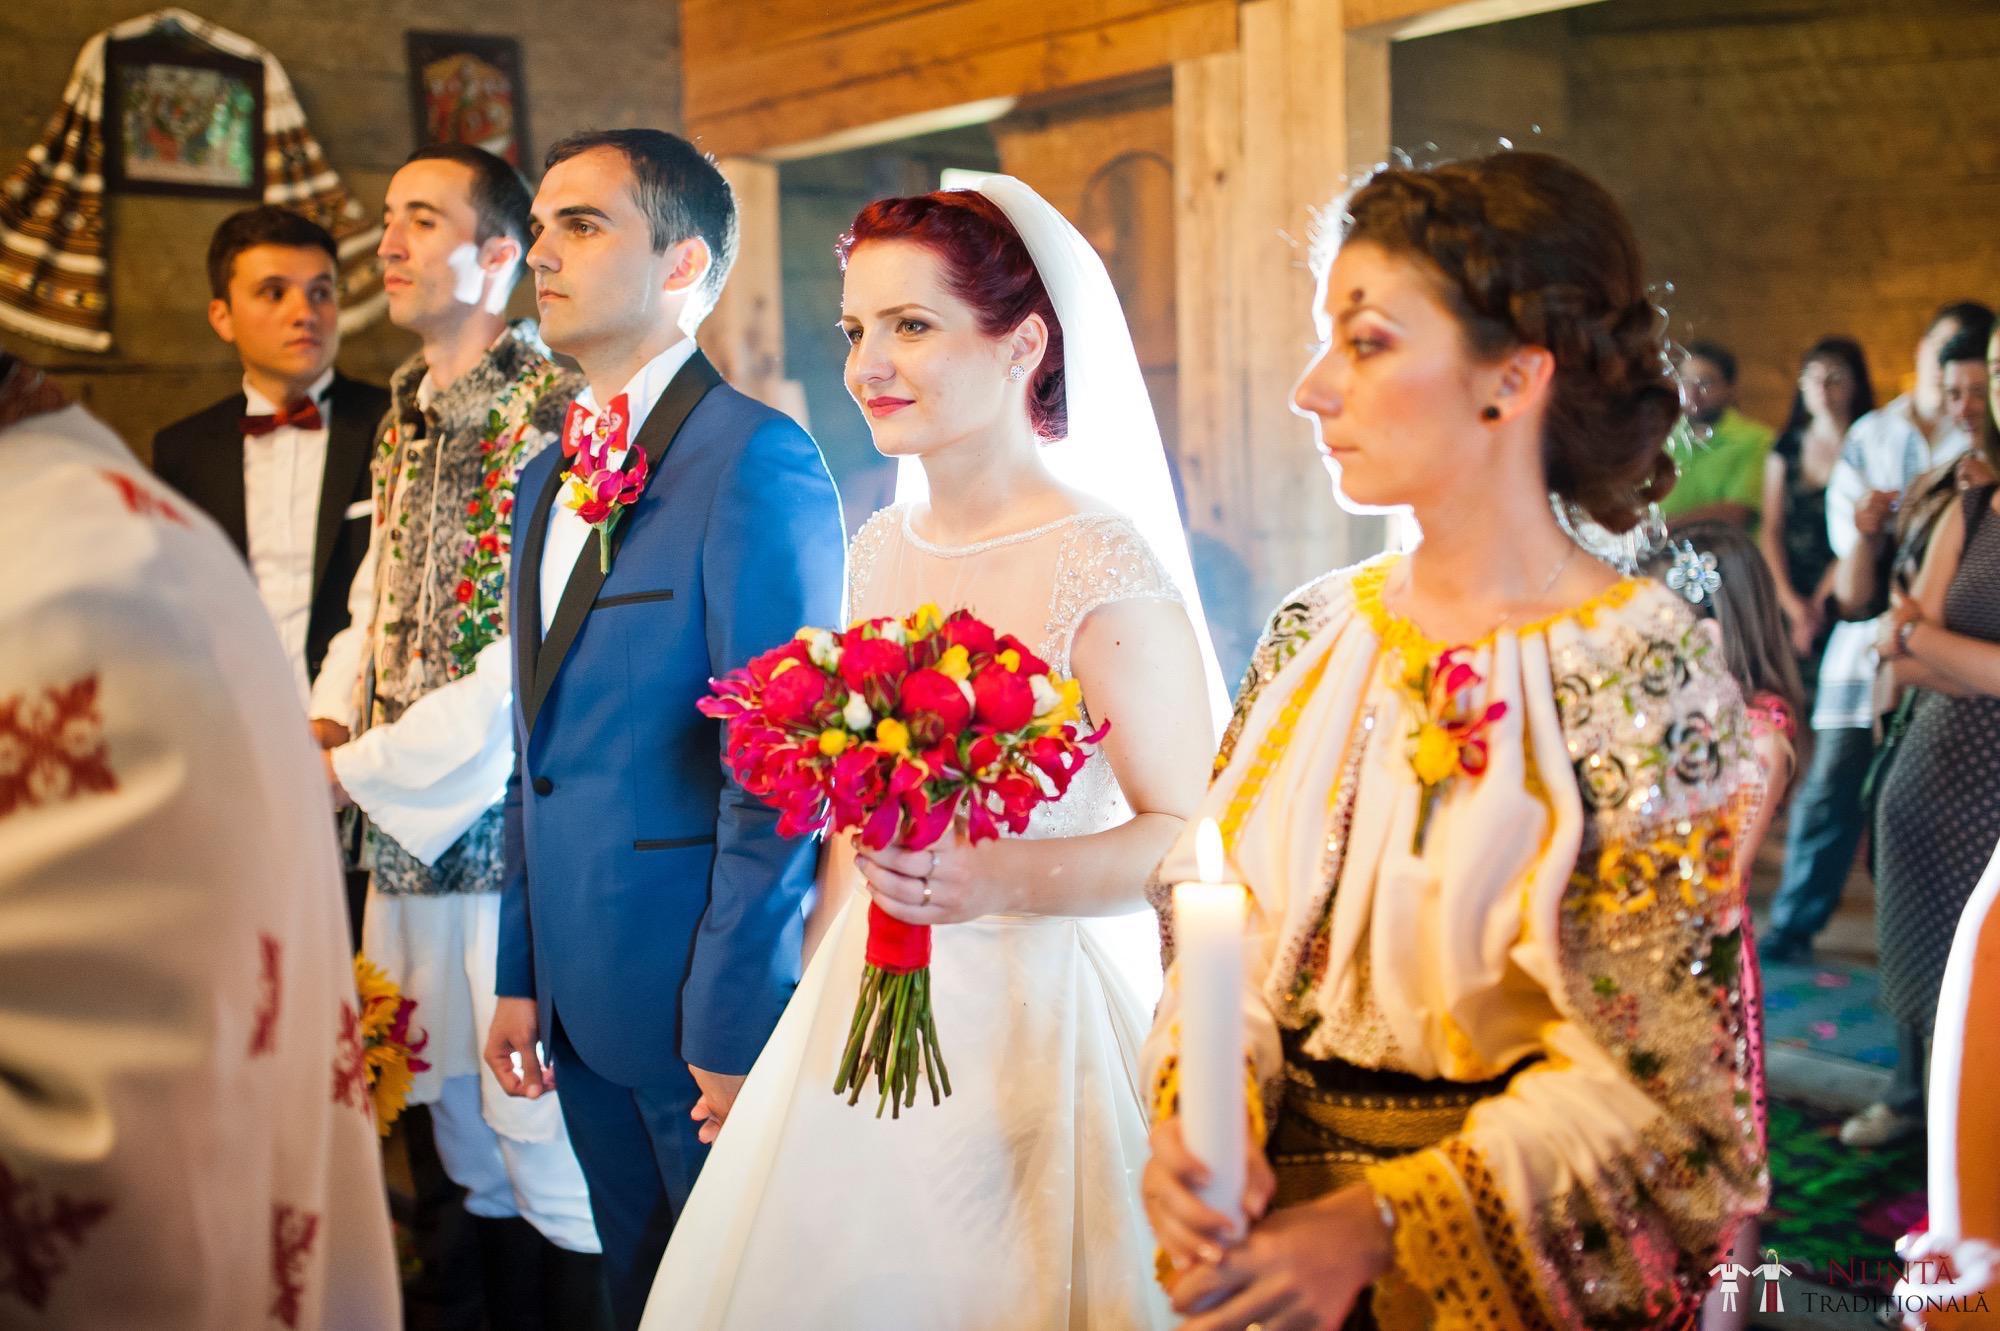 Povești Nunți Tradiționale - Gabriela și Mădălin - Nuntă Tradițională în Suceava, Bucovina 59